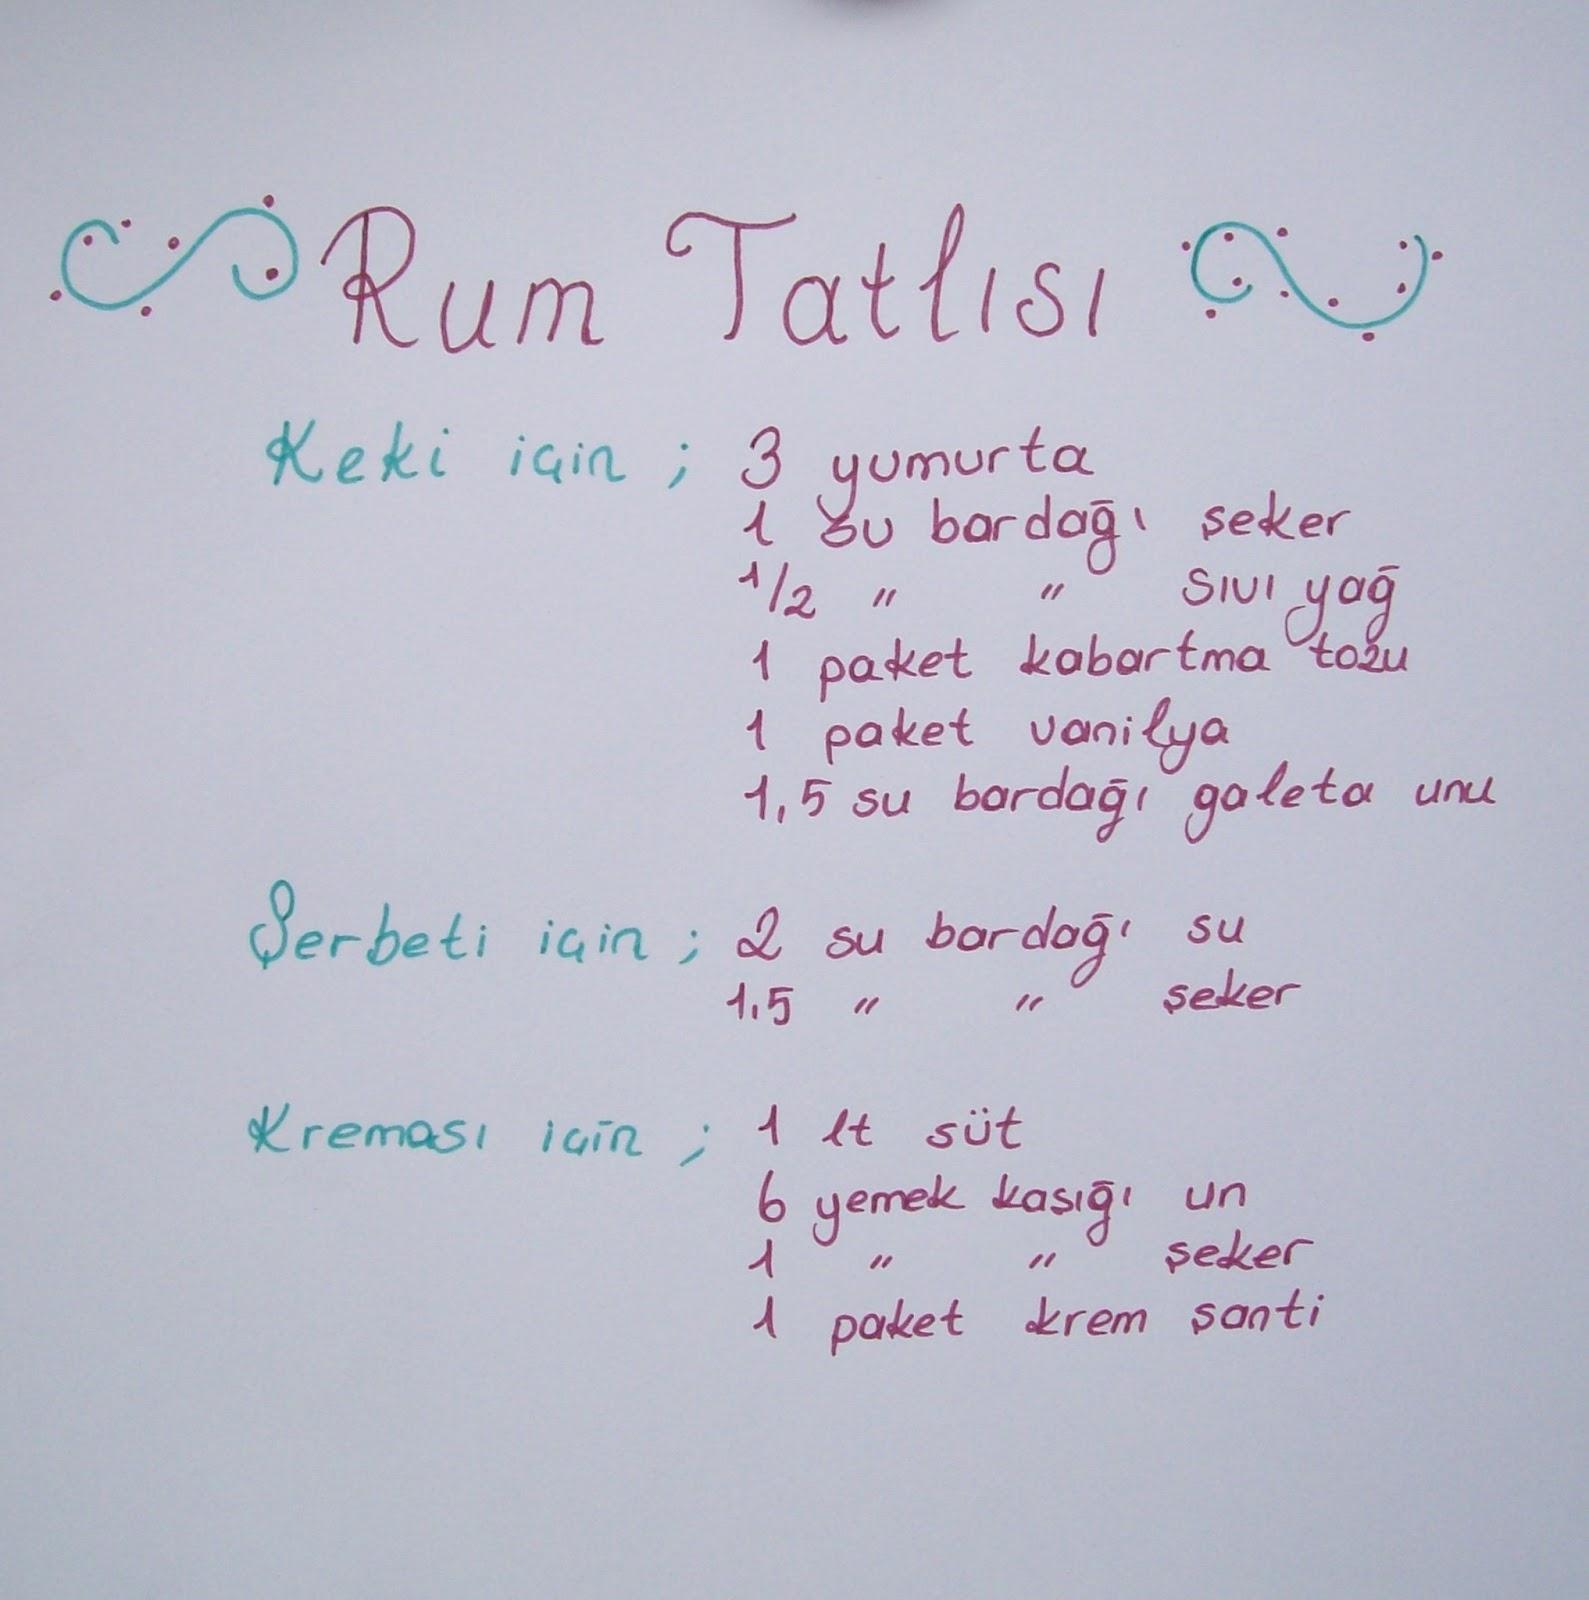 Rum Tatlısı Tarifi